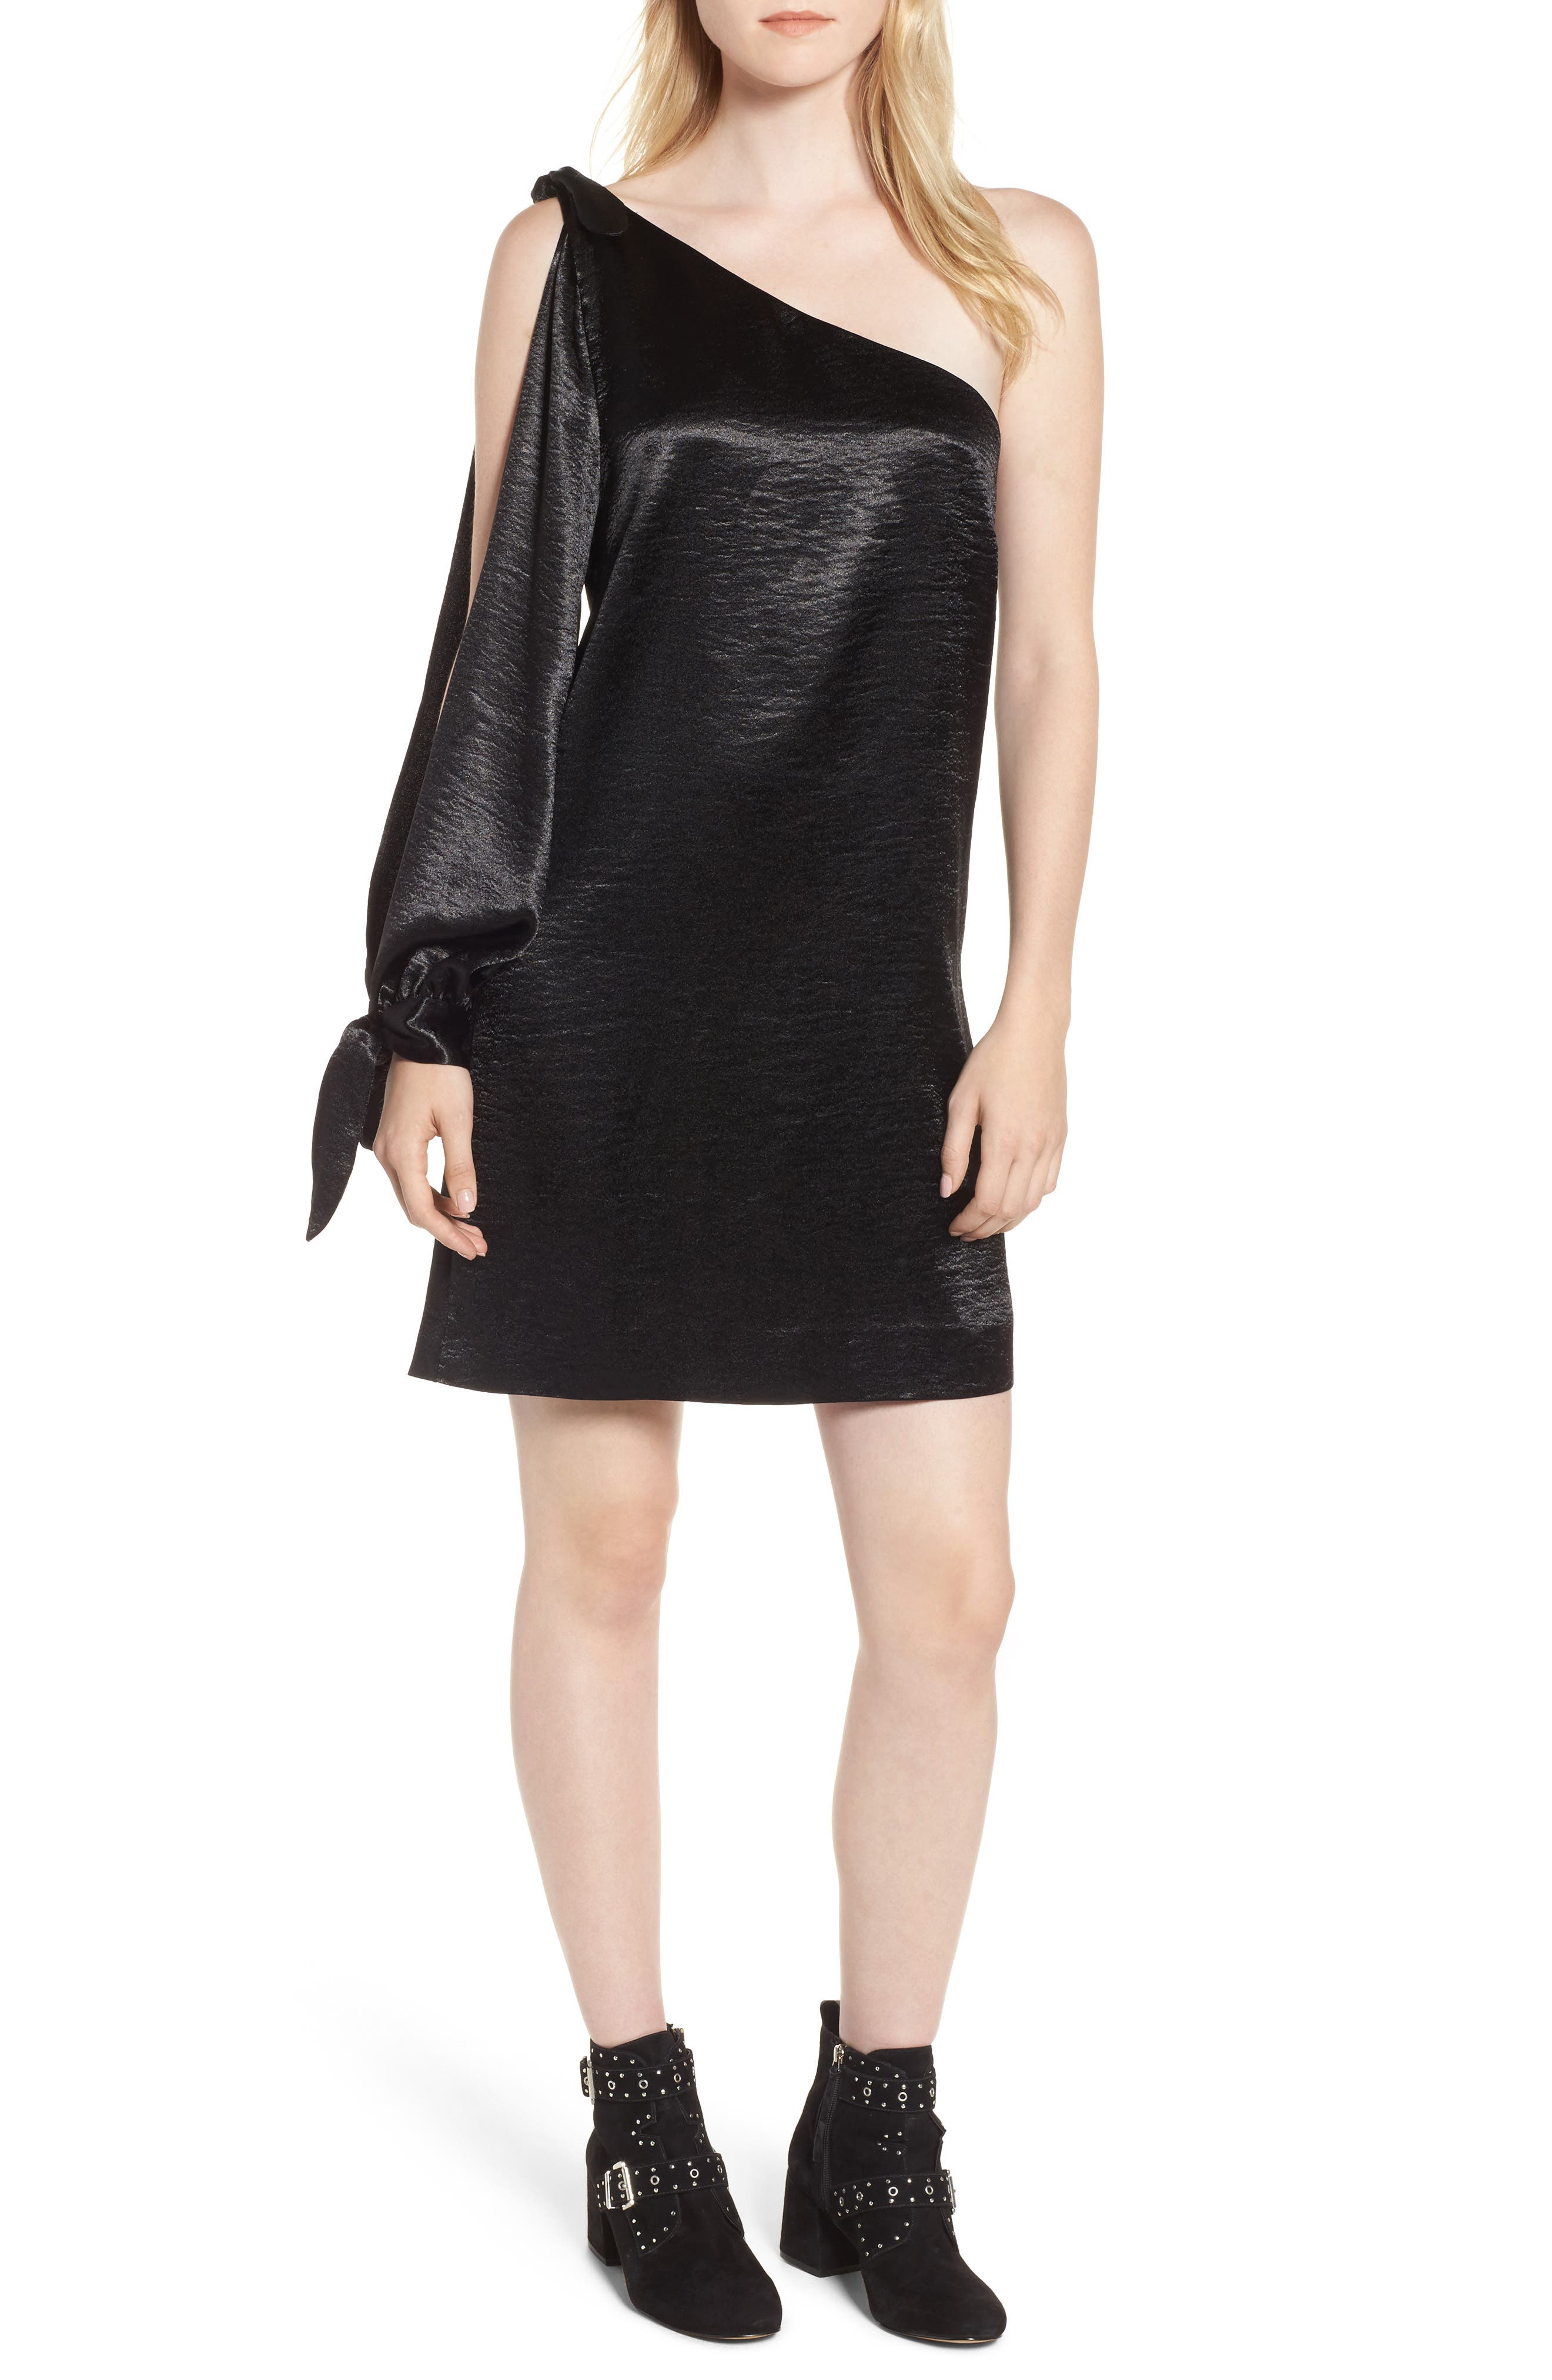 Nash One-Shoulder Shift Dress,                         Main,                         color, Black Multi